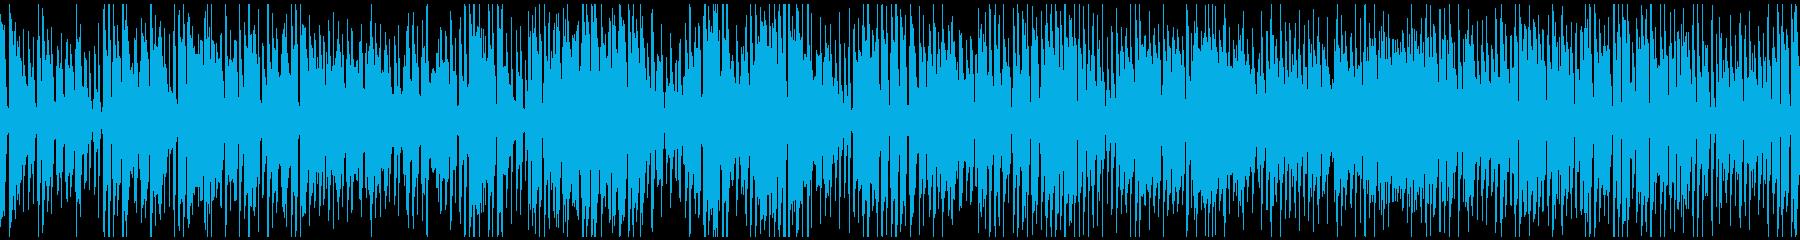 のほほんハッピージプシージャズ※ループ版の再生済みの波形